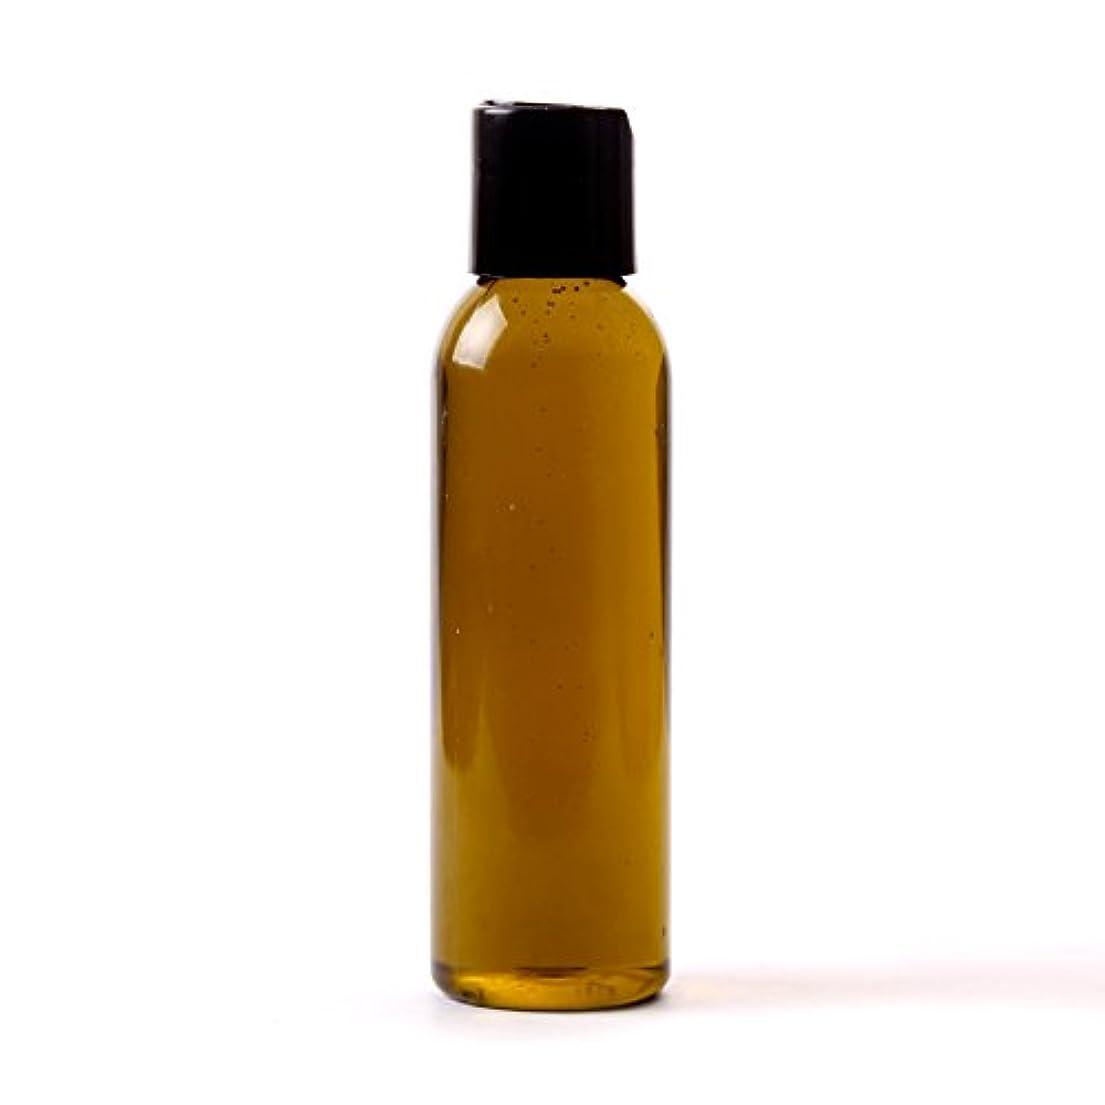 ペットサンダース植物学Mystic Moments | Broccoli Seed Virgin Oil - 125ml - 100% Pure